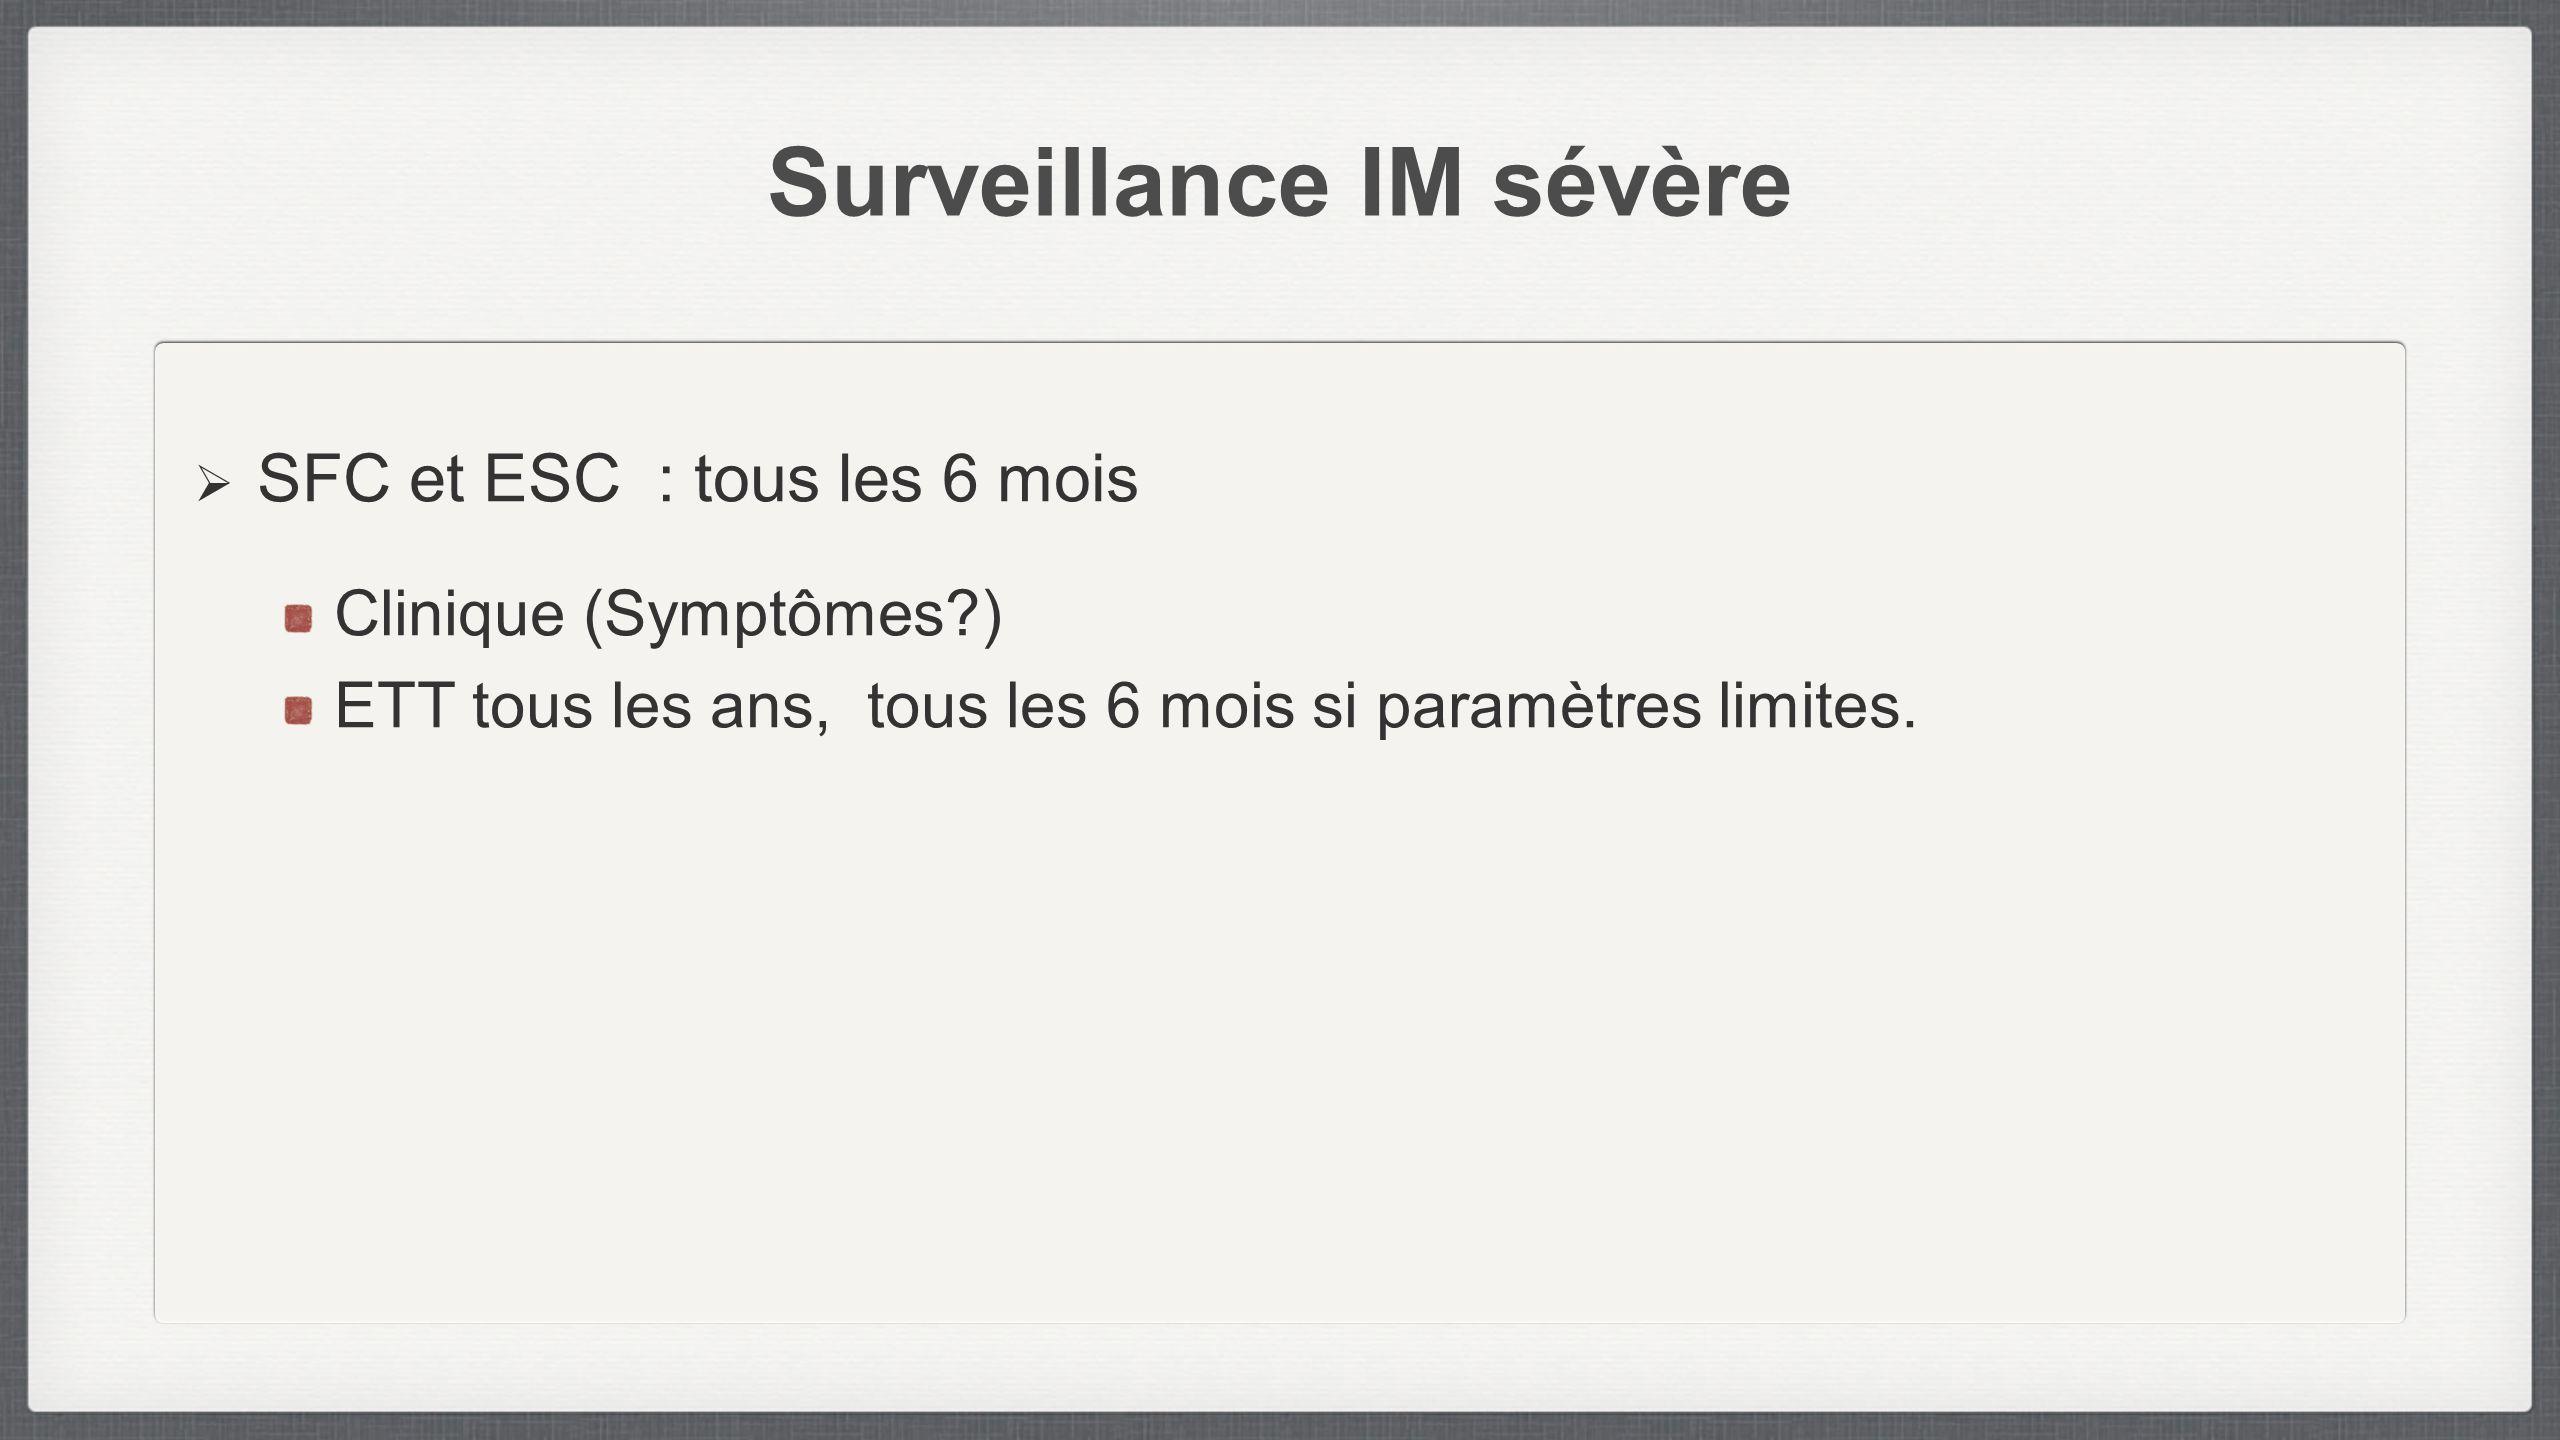 Surveillance IM sévère